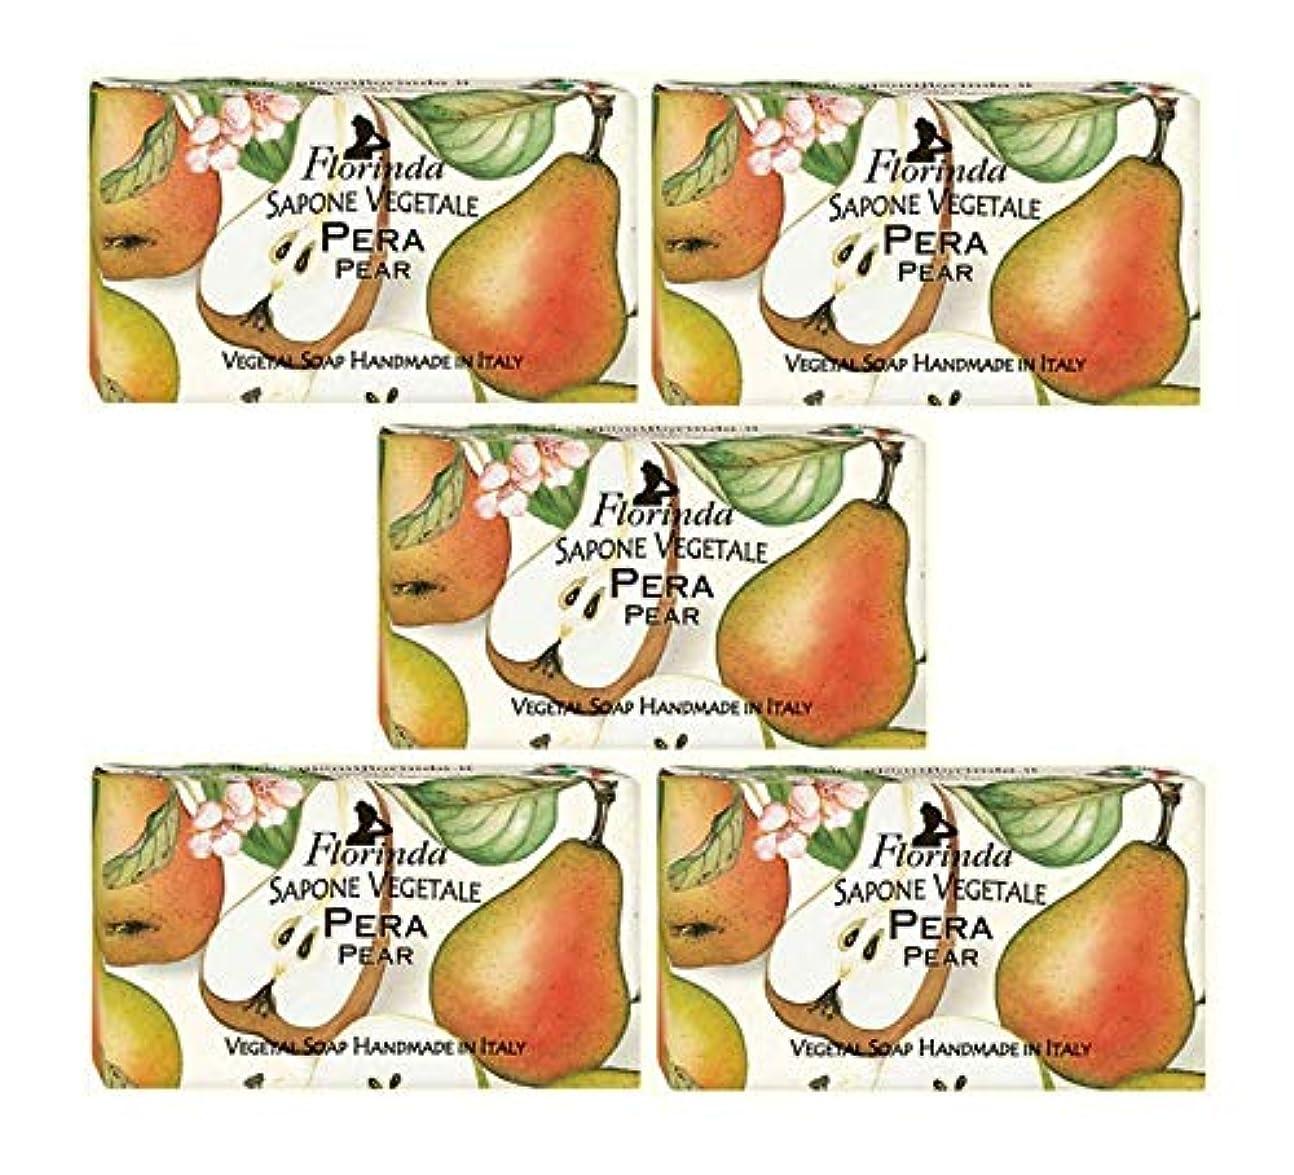 隔離しみ回答フロリンダ フレグランスソープ 固形石けん フルーツの香り ペア 95g×5個セット